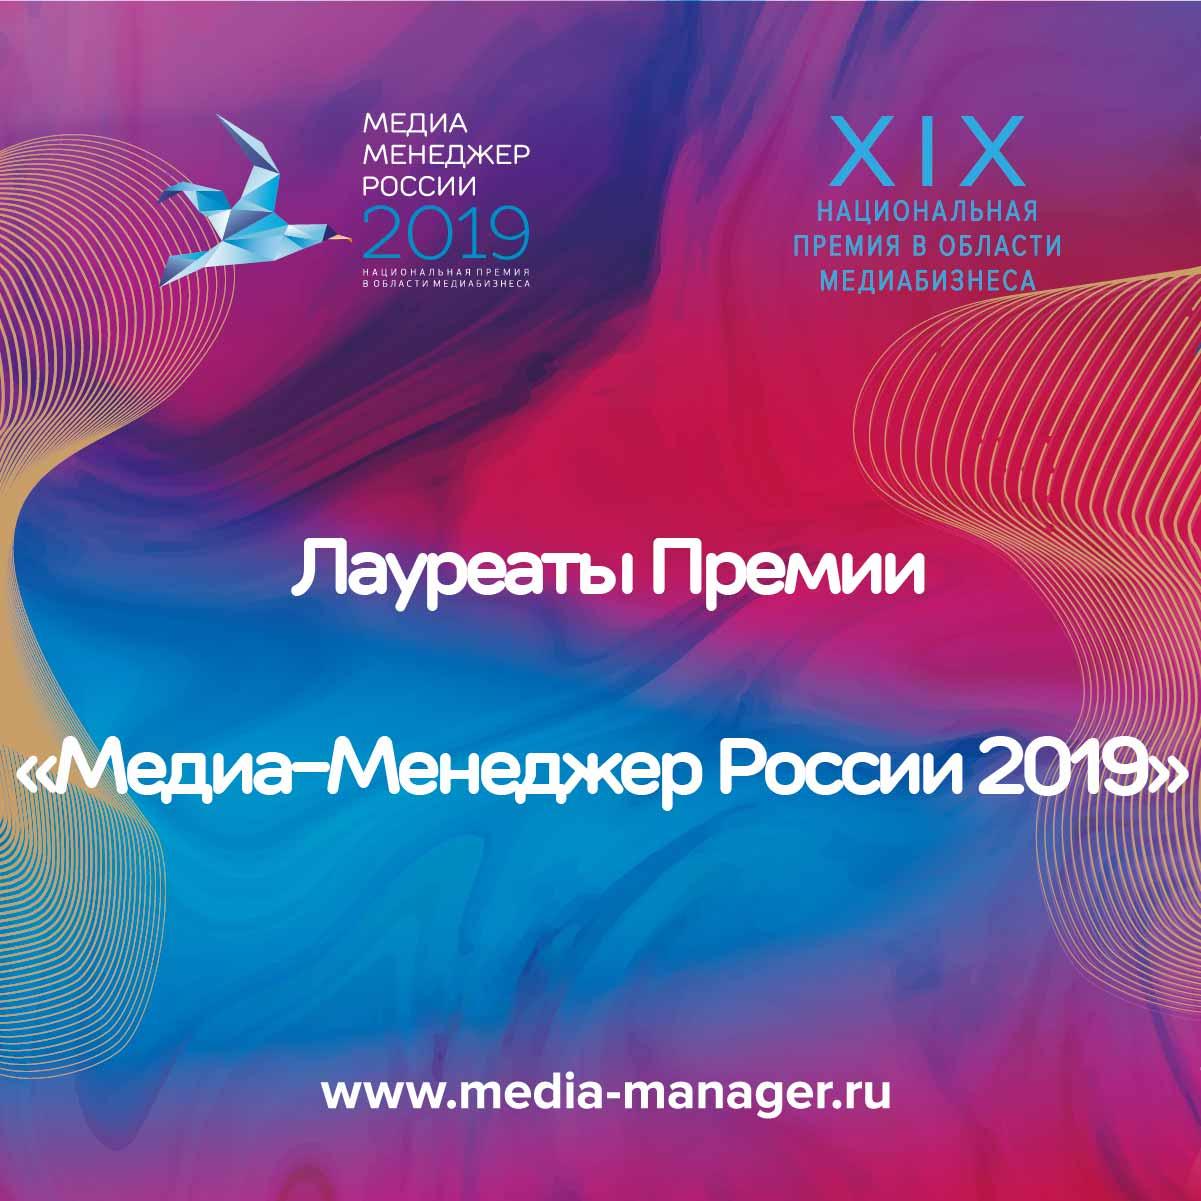 Названы лауреаты премии «Медиа-менеджер России-2019»